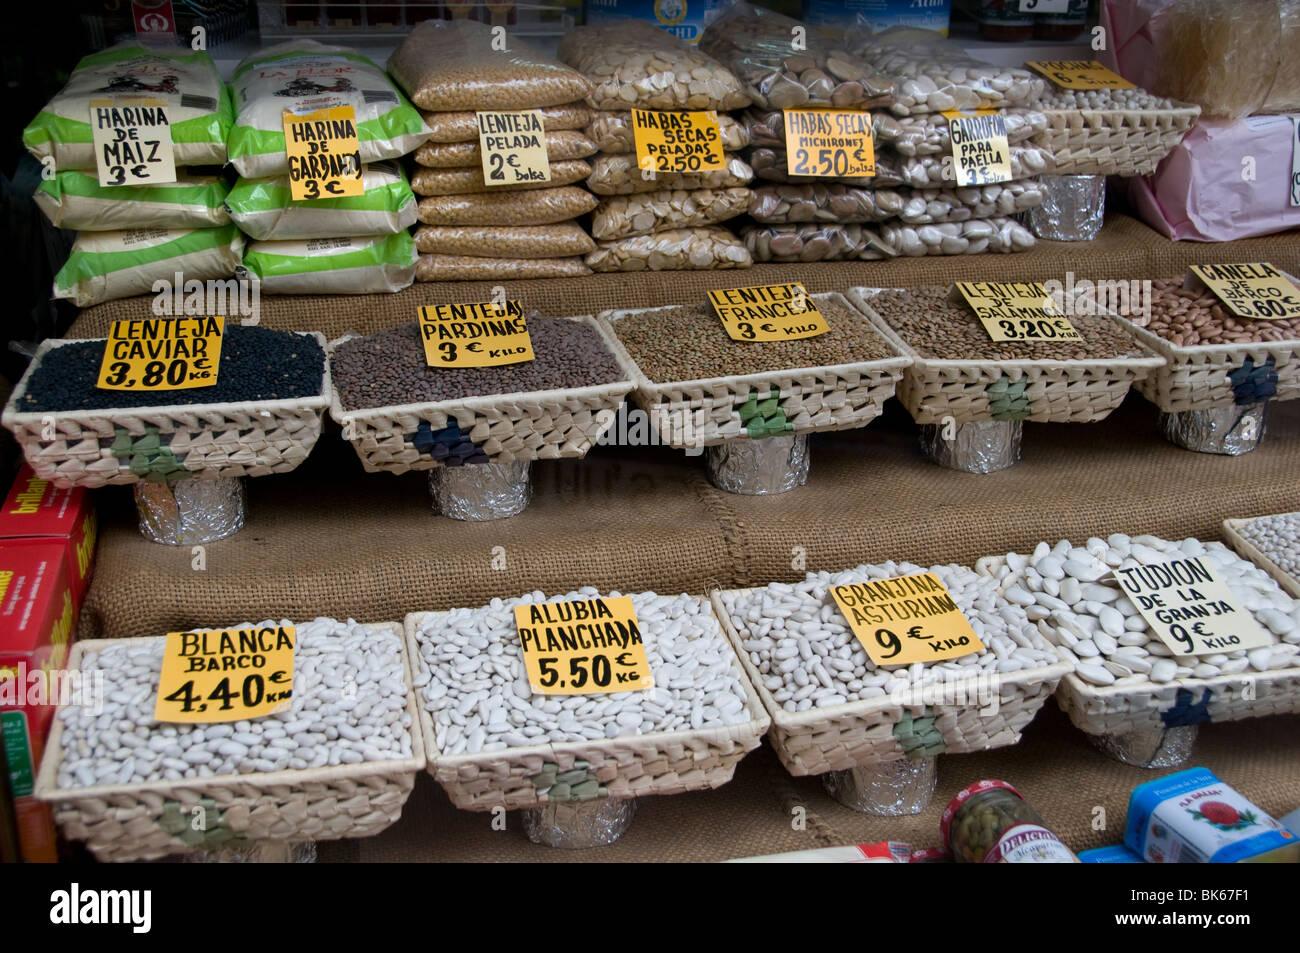 Spain dry bean beans vegetables Grocer  Madrid - Stock Image